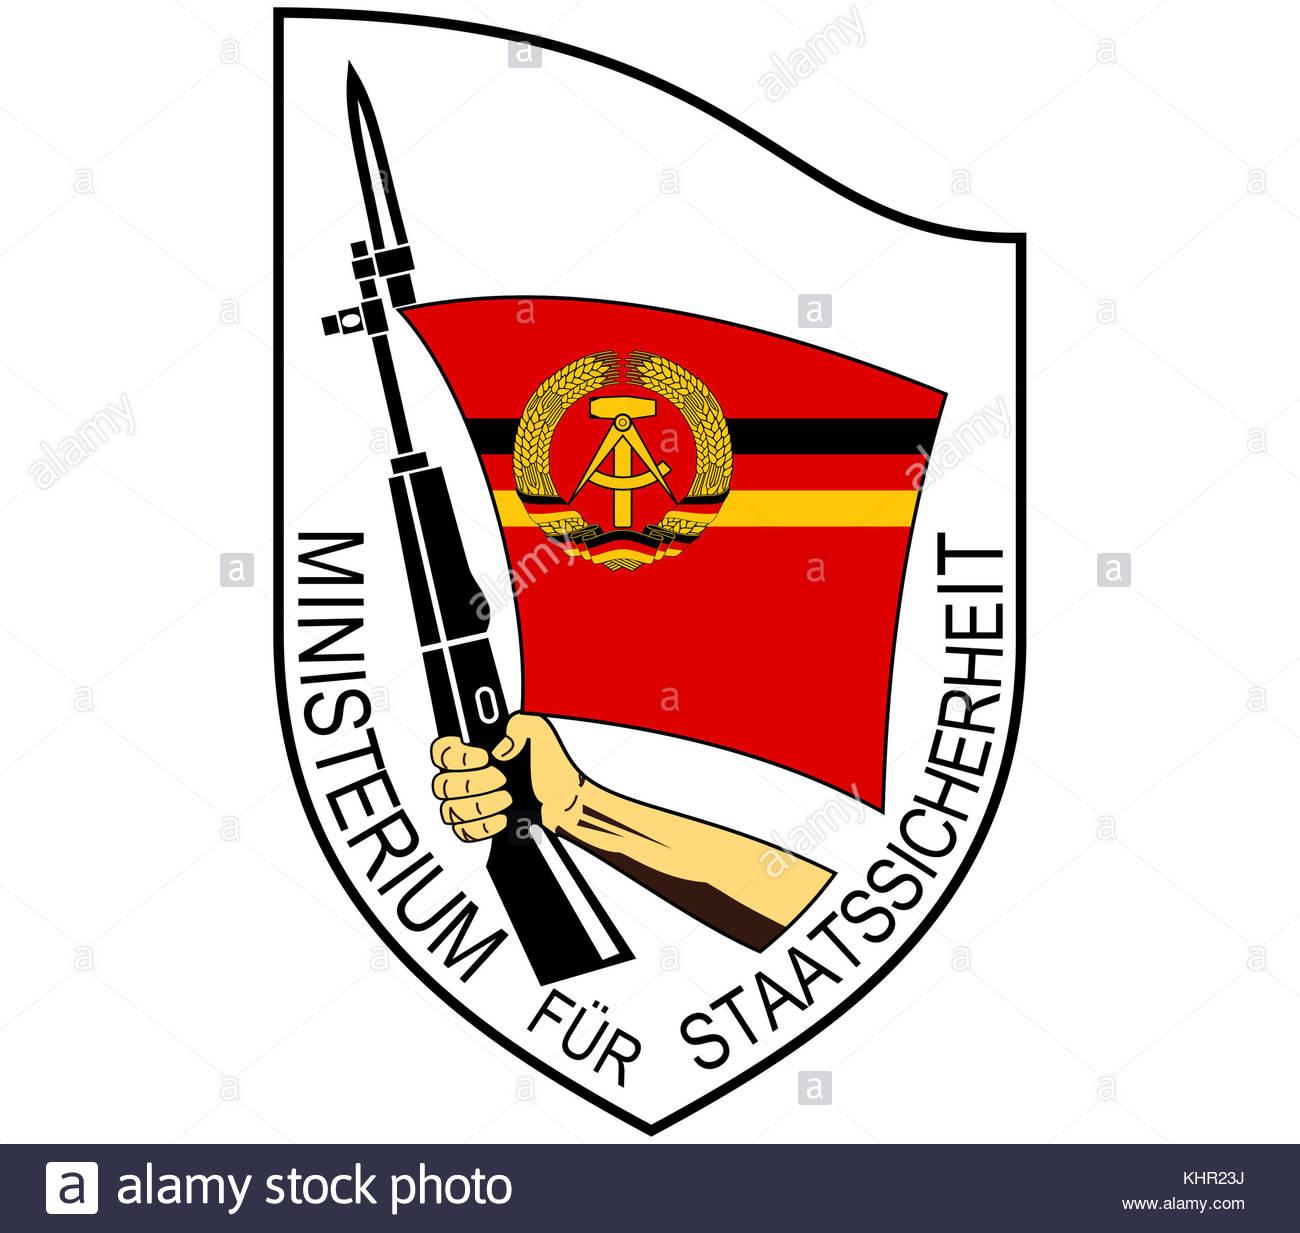 Stasi logo icon - Stock Image